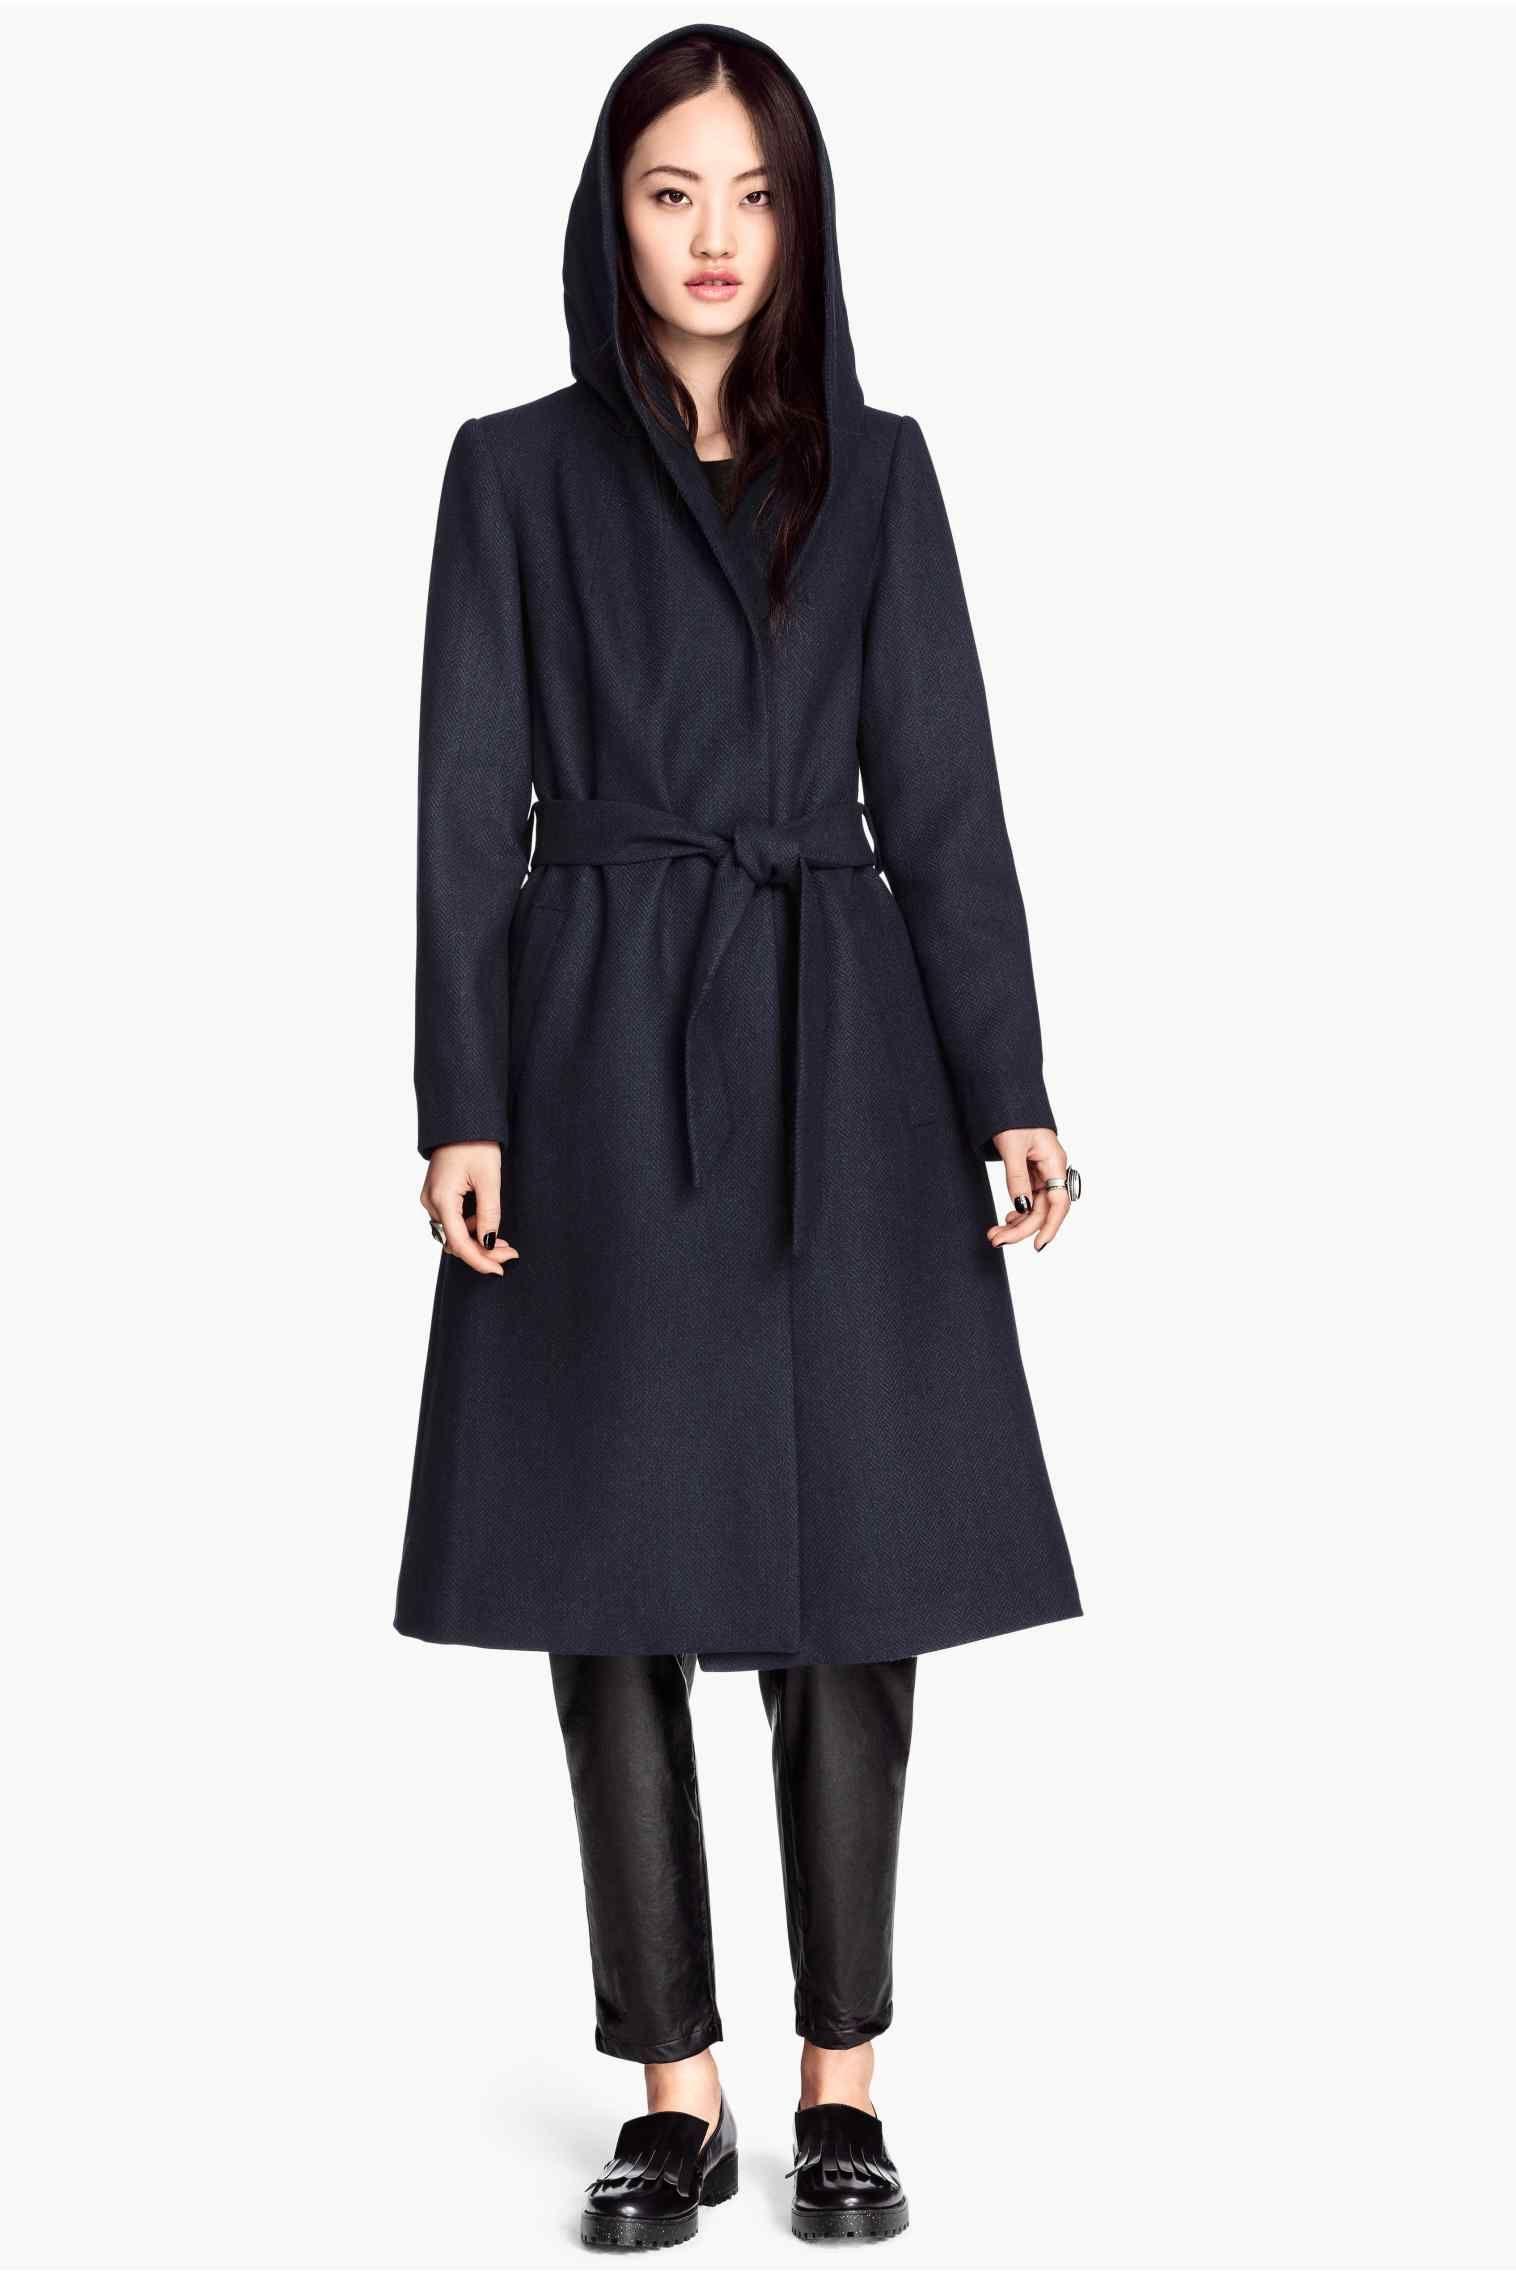 1d26fb5d6b1c Manteau en laine mélangée   H M   Coats   Pinterest   Manteau laine ...